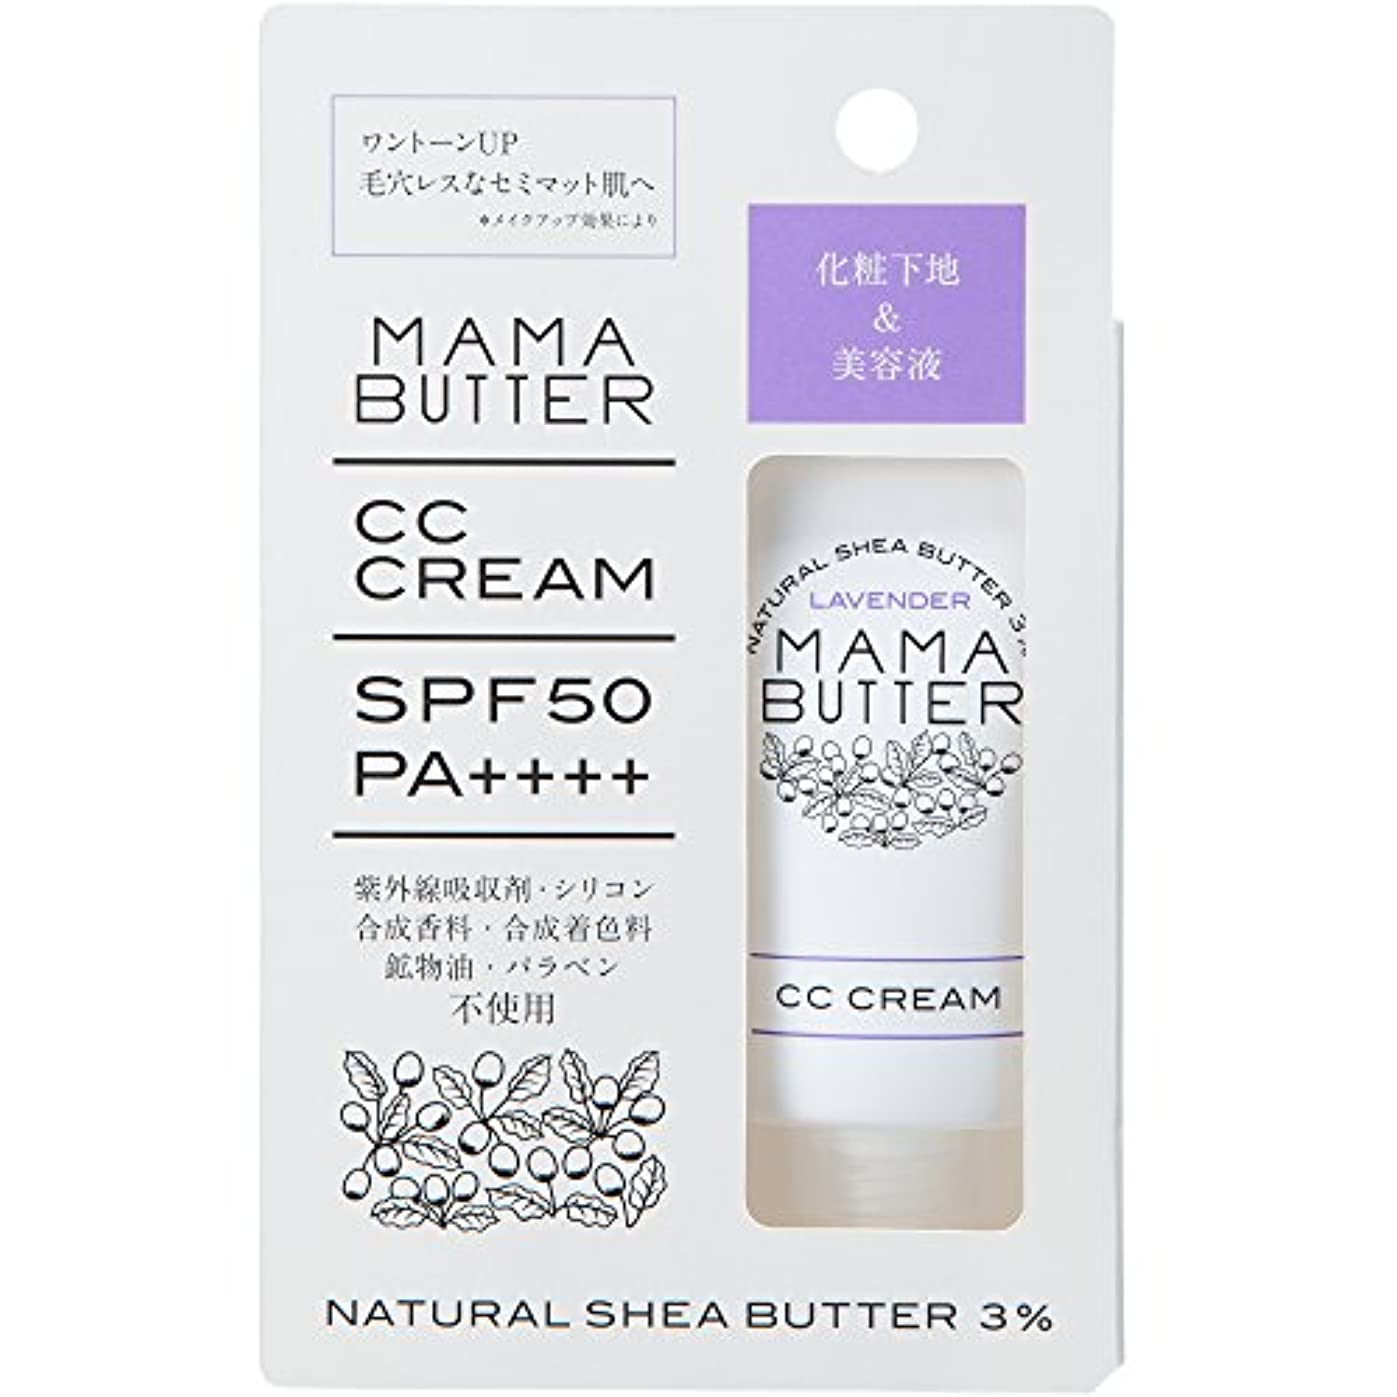 ママバター CCクリーム ラベンダー(SPF50?PA++++)30g